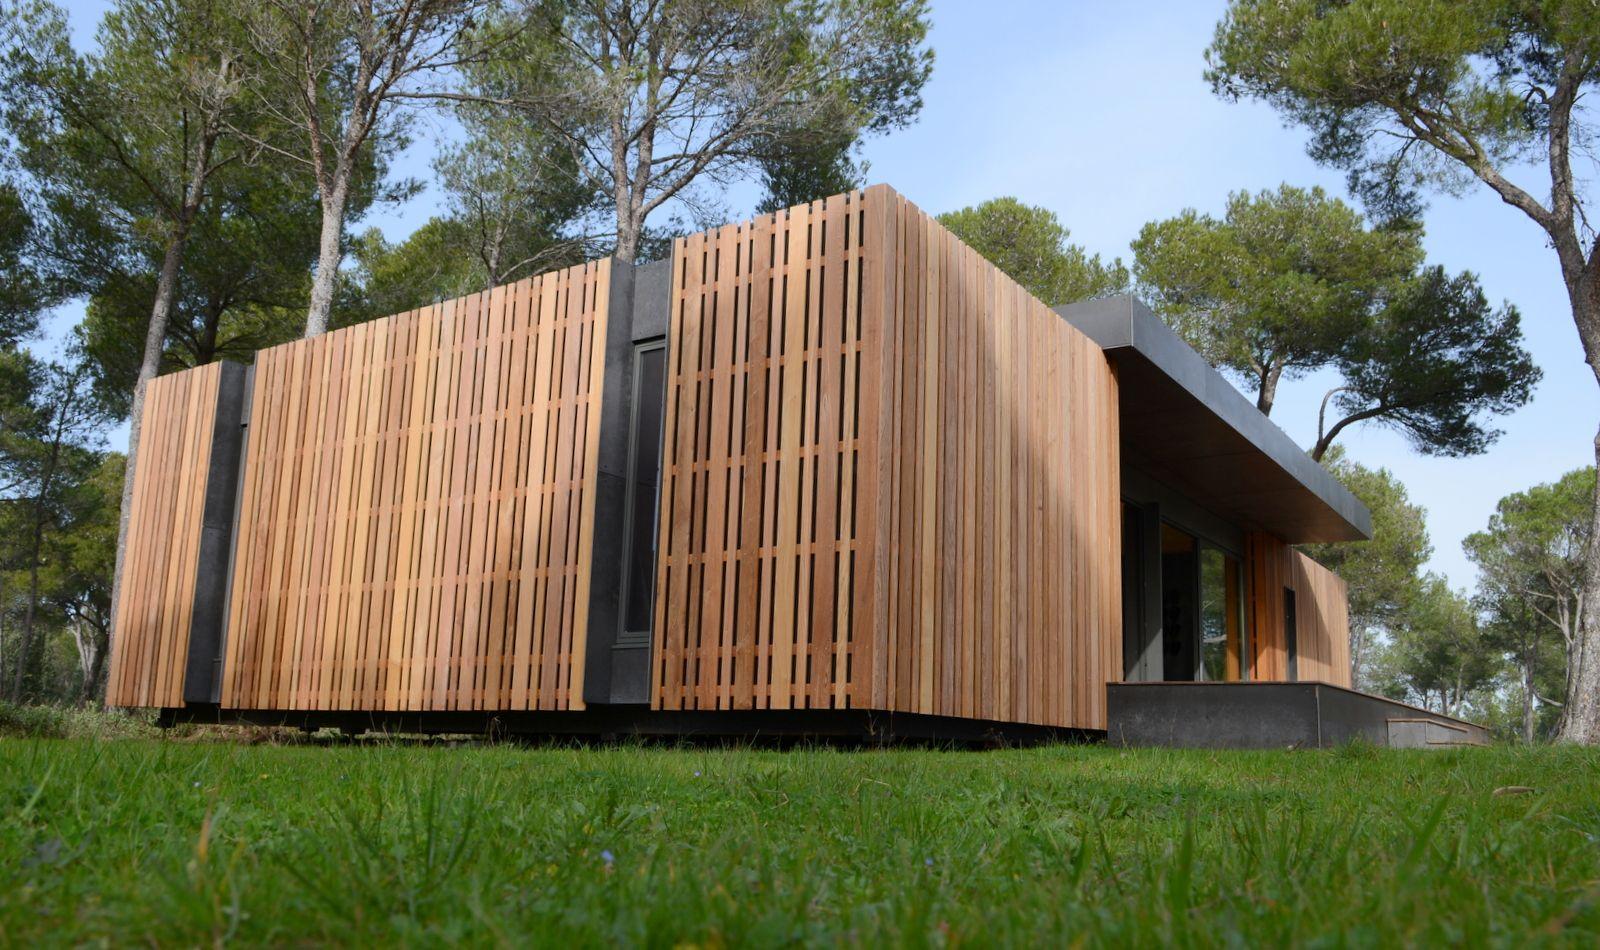 maison bois 4 jours